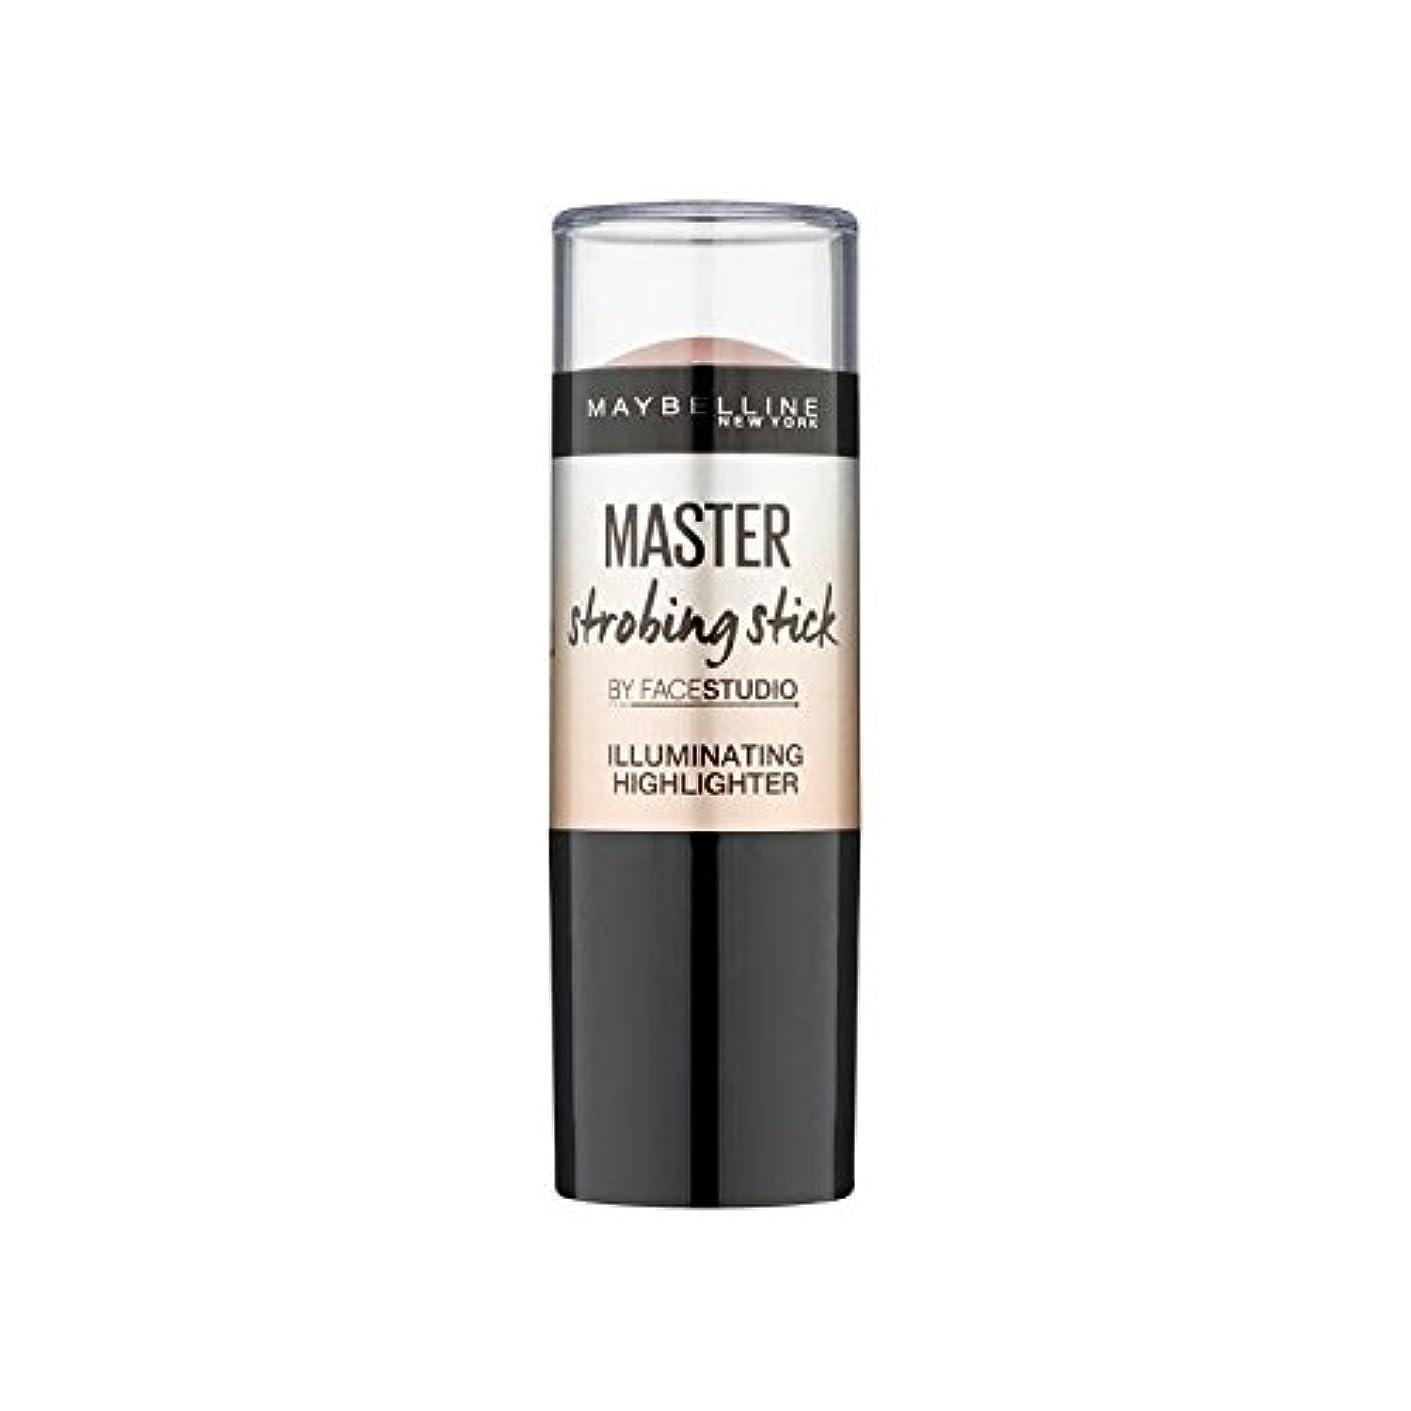 説教する最初絶対にメイベリンマスターストロボスティックライト x4 - Maybelline Master Strobing Stick Light (Pack of 4) [並行輸入品]